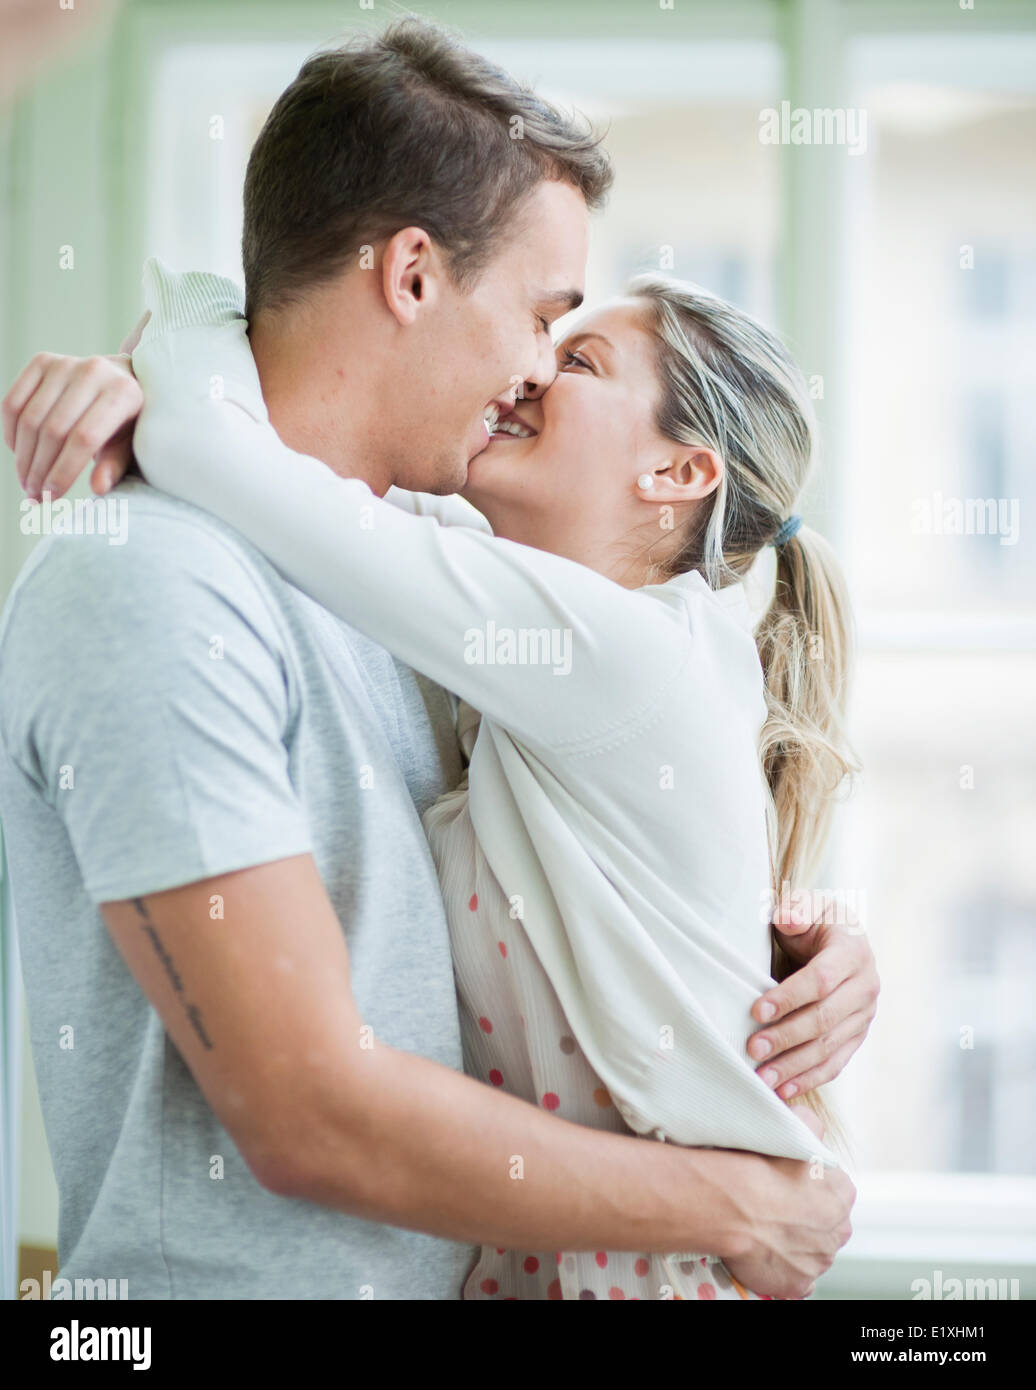 Amare giovane kissing mentre abbracciando in casa Immagini Stock